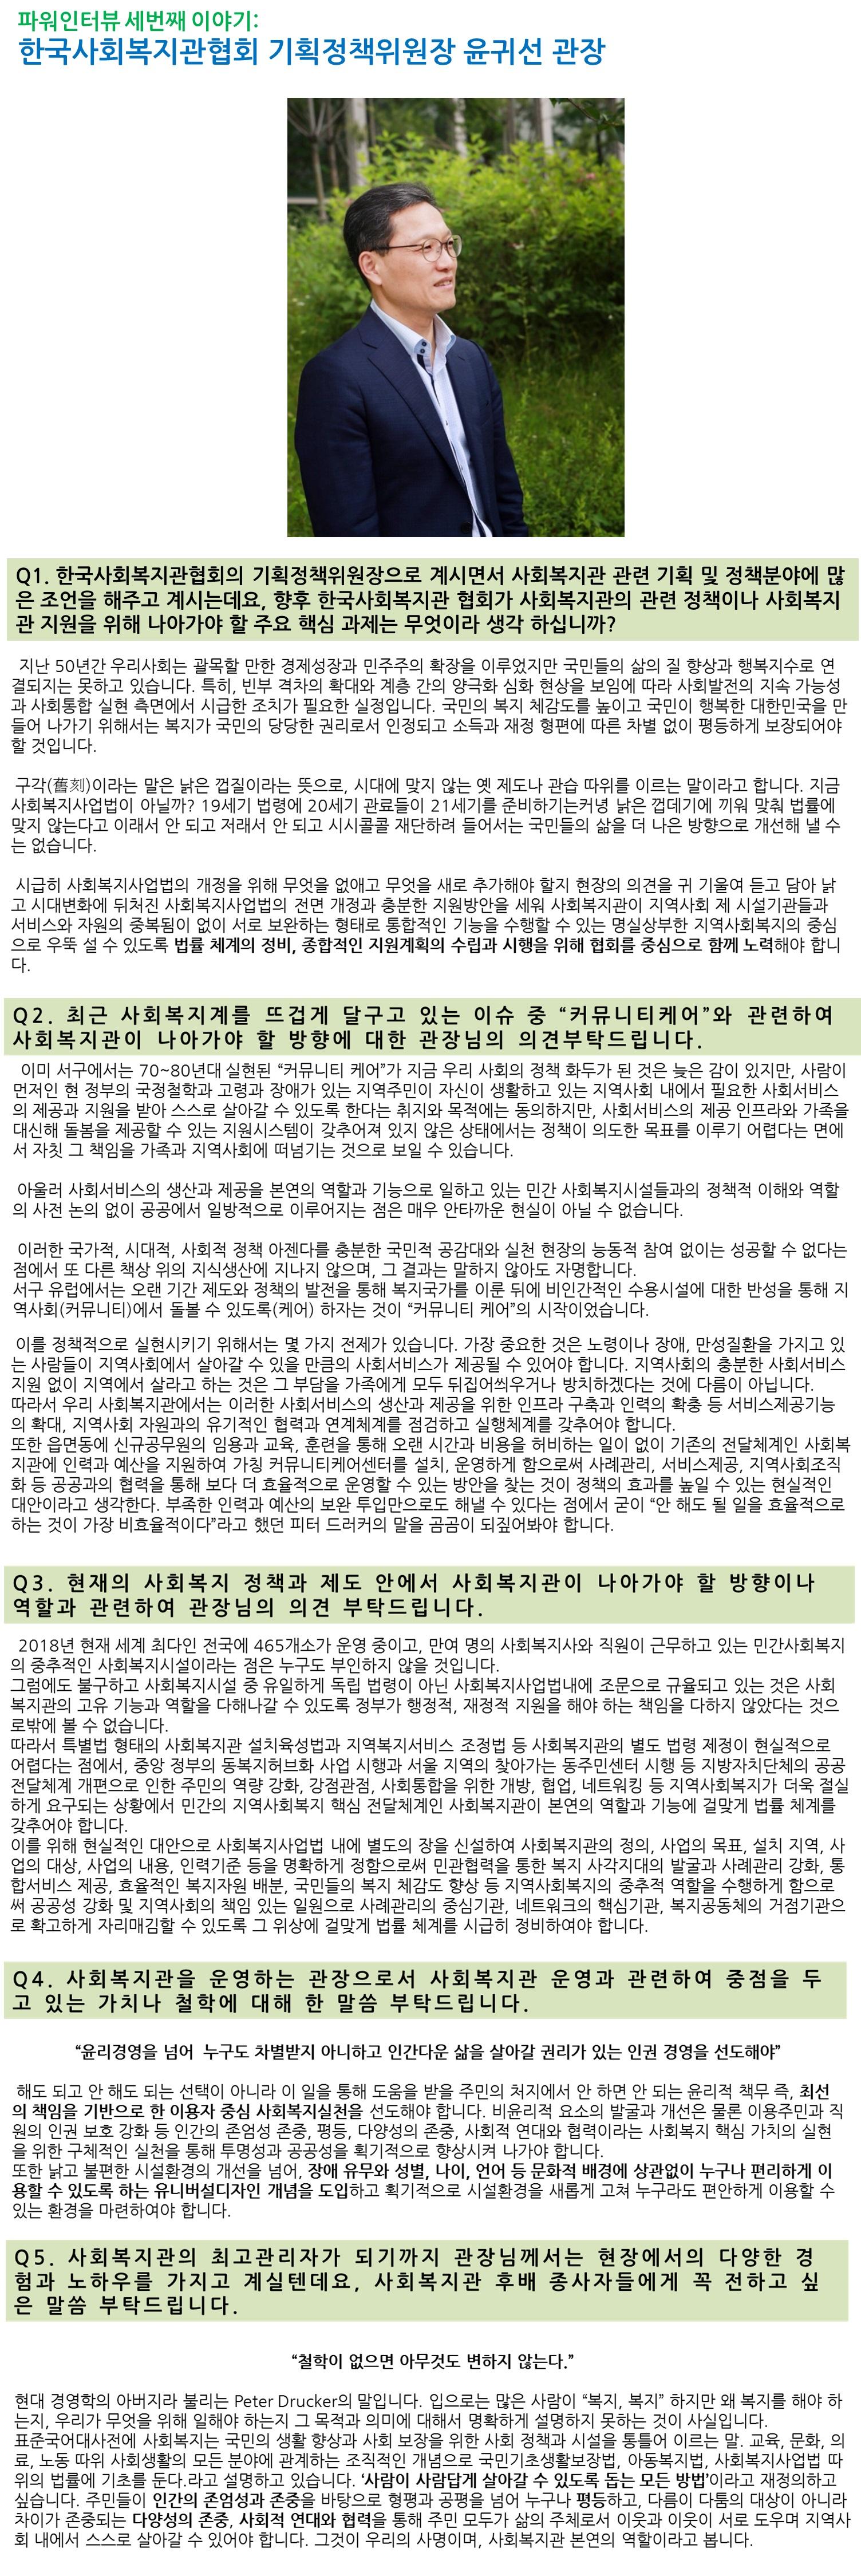 윤귀선관장님수정1-vert.jpg